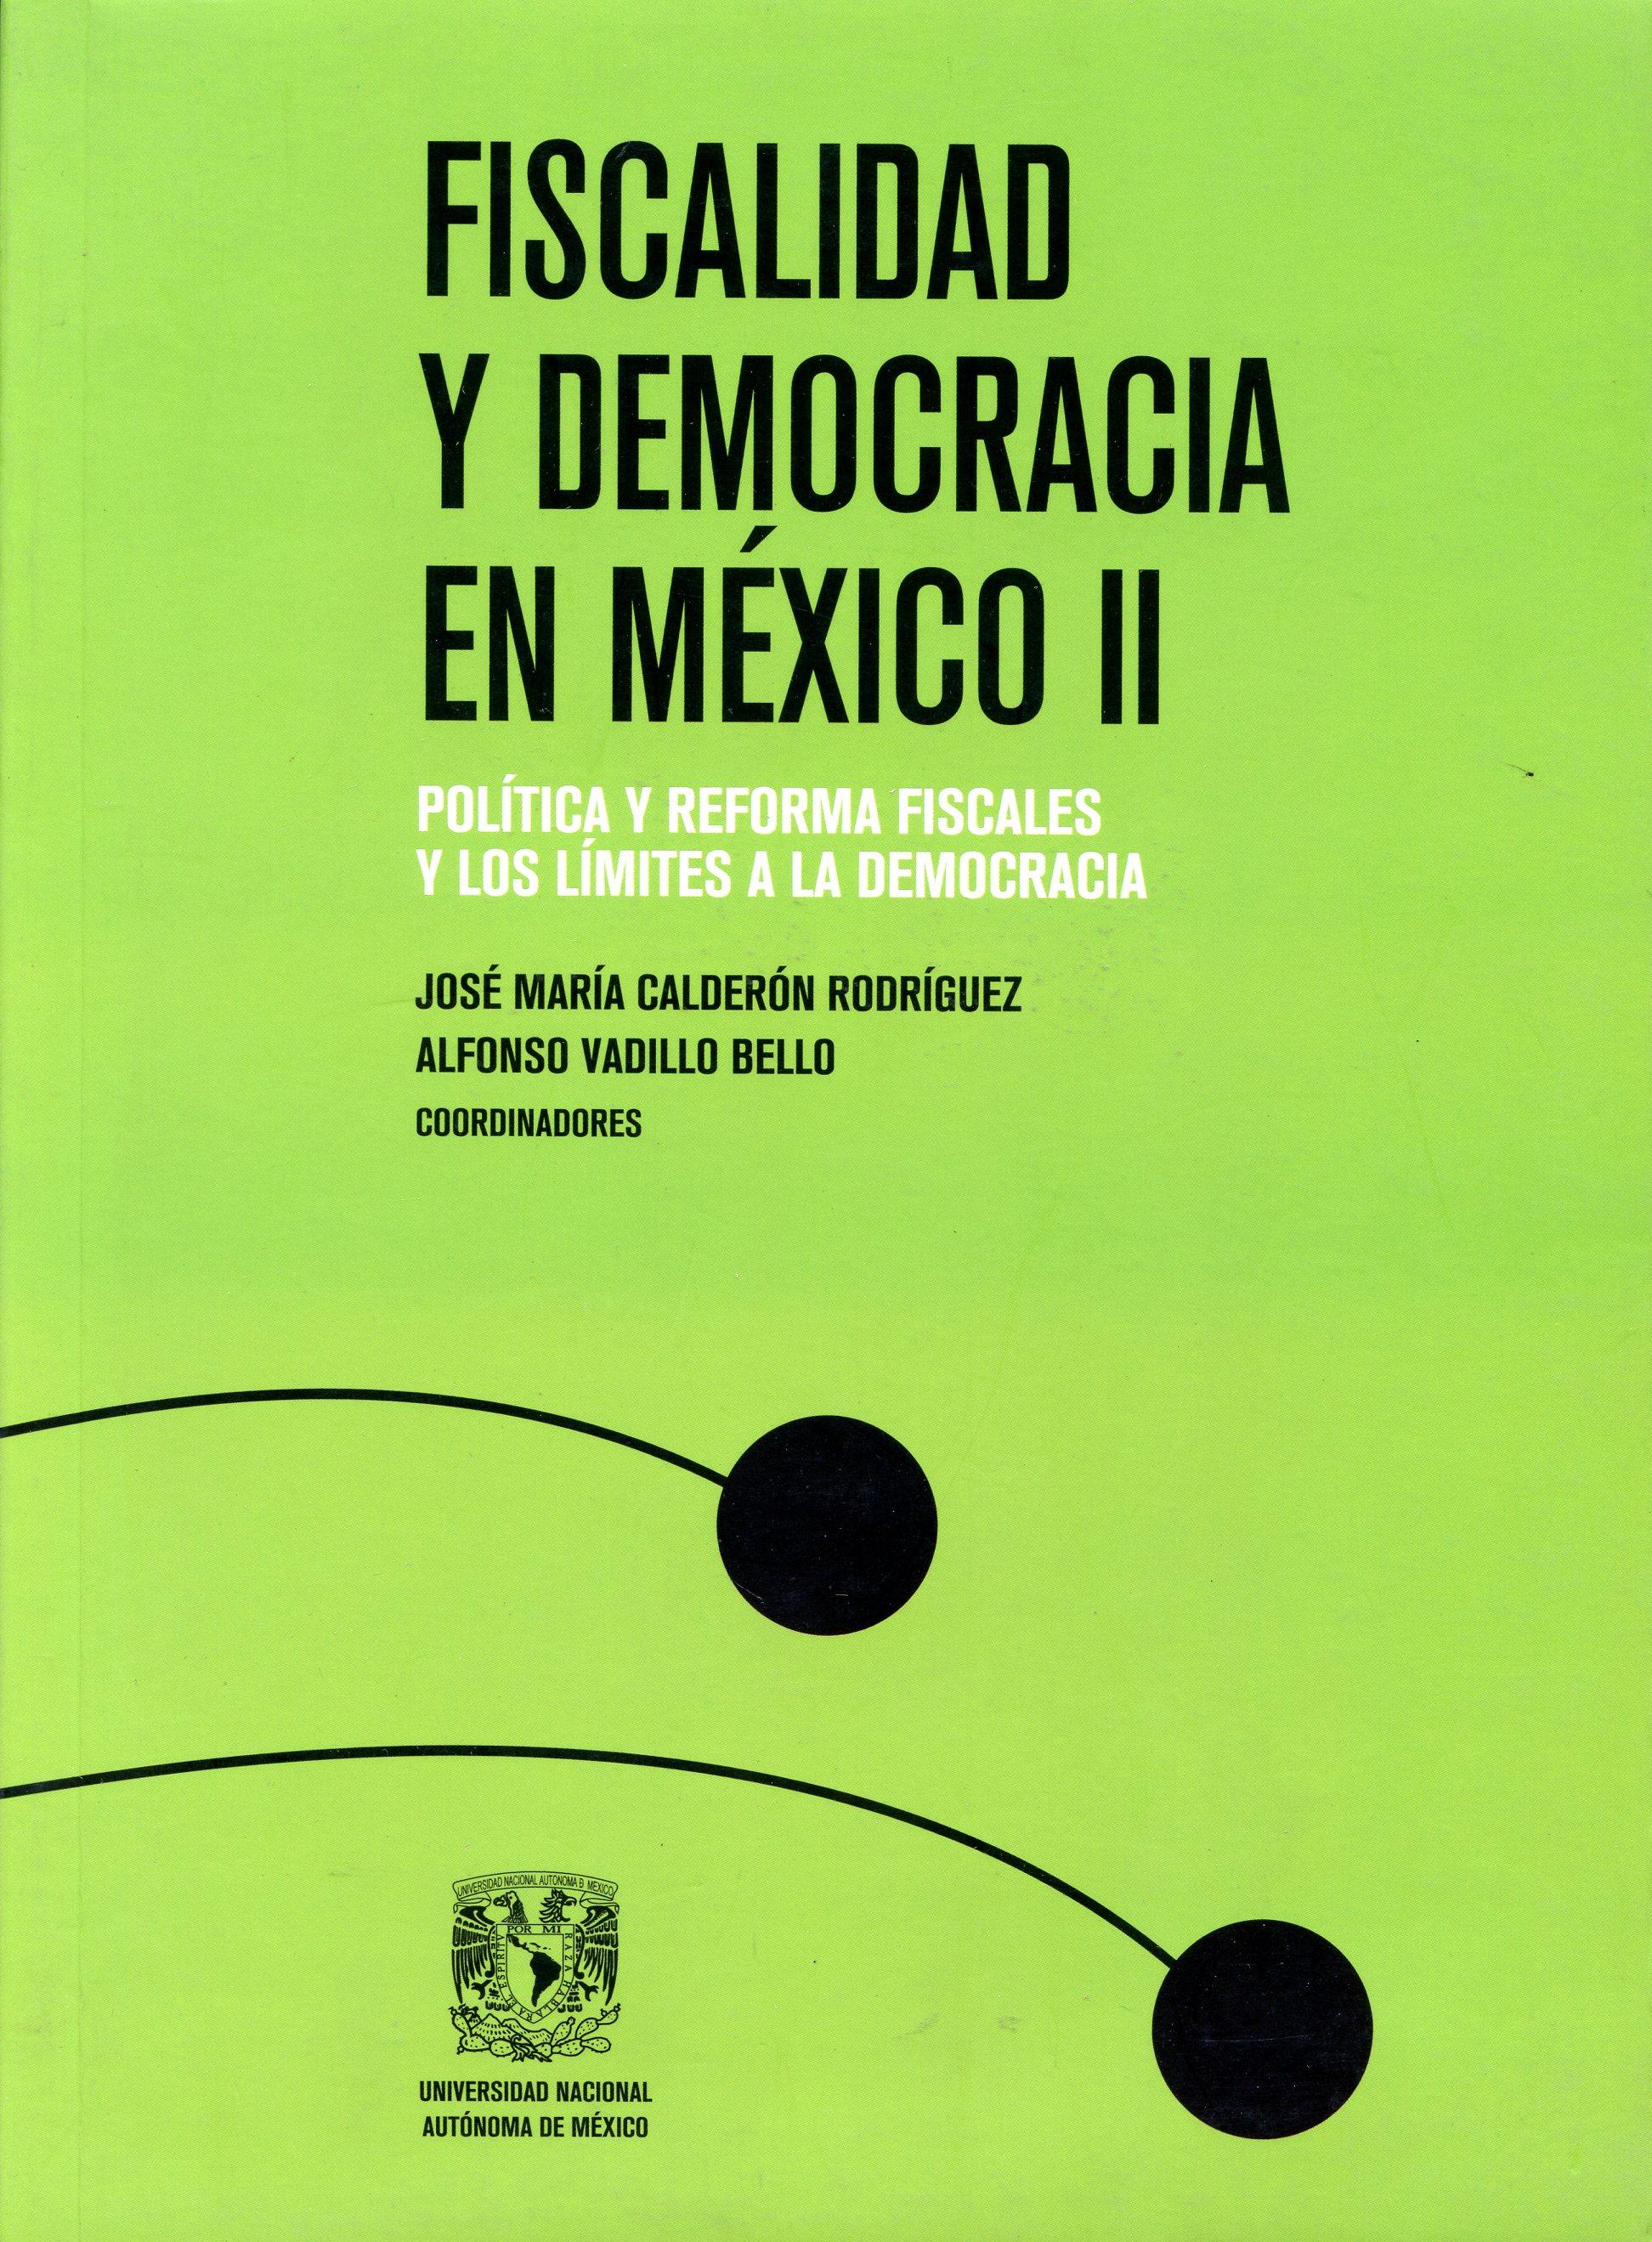 Fiscalidad y democracia en  México II.